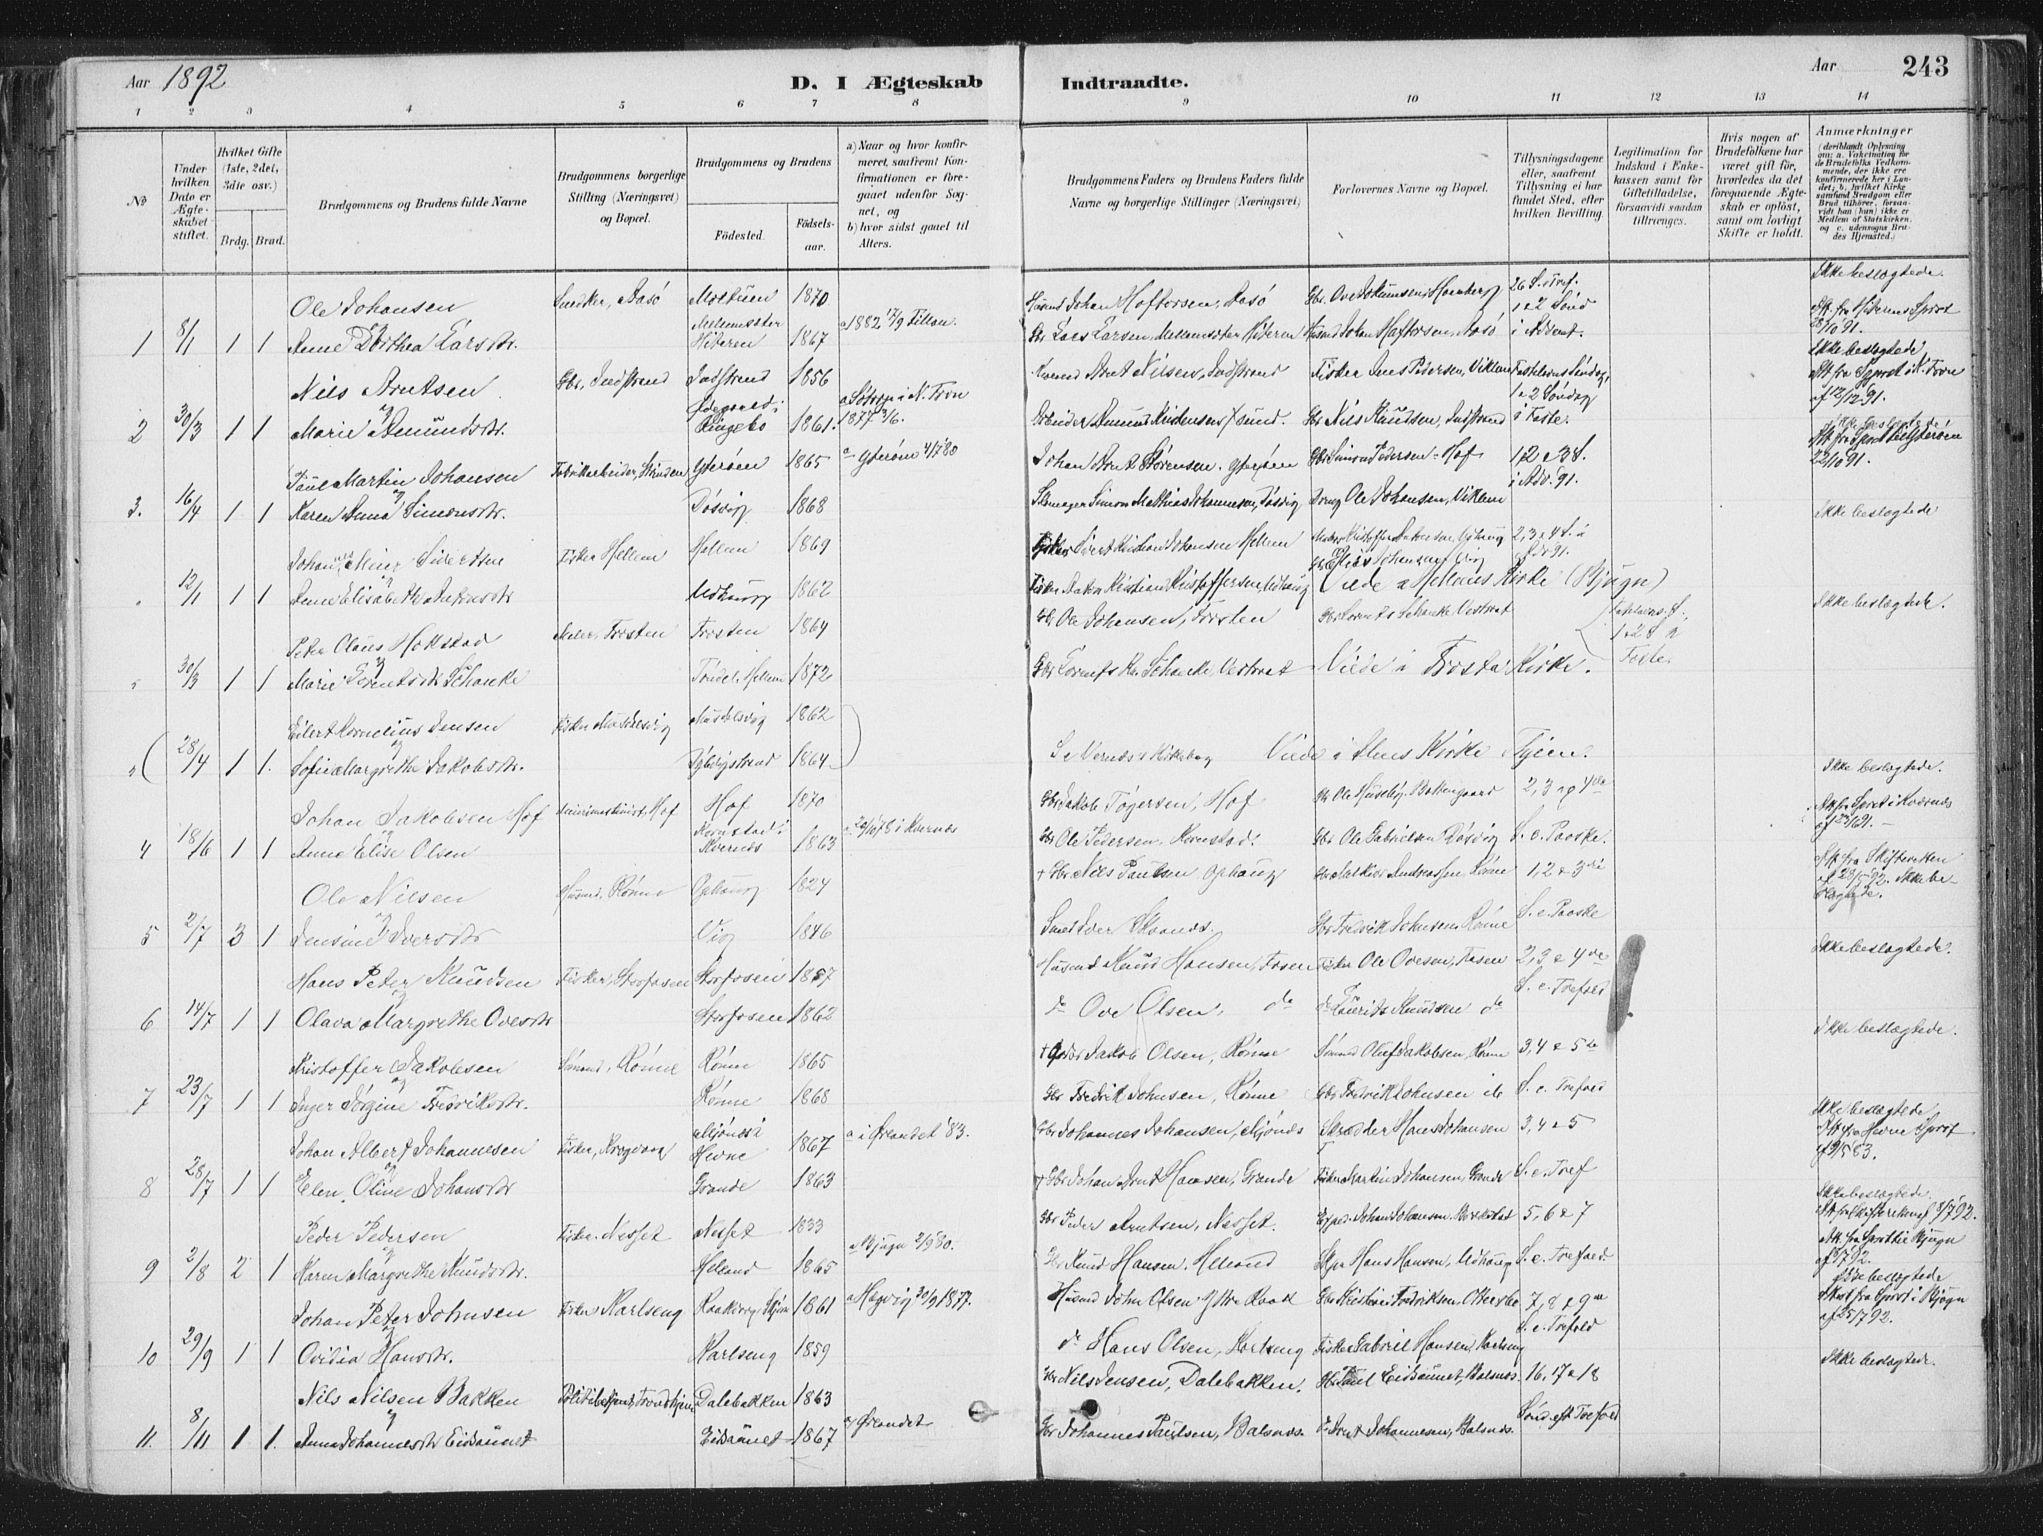 SAT, Ministerialprotokoller, klokkerbøker og fødselsregistre - Sør-Trøndelag, 659/L0739: Ministerialbok nr. 659A09, 1879-1893, s. 243